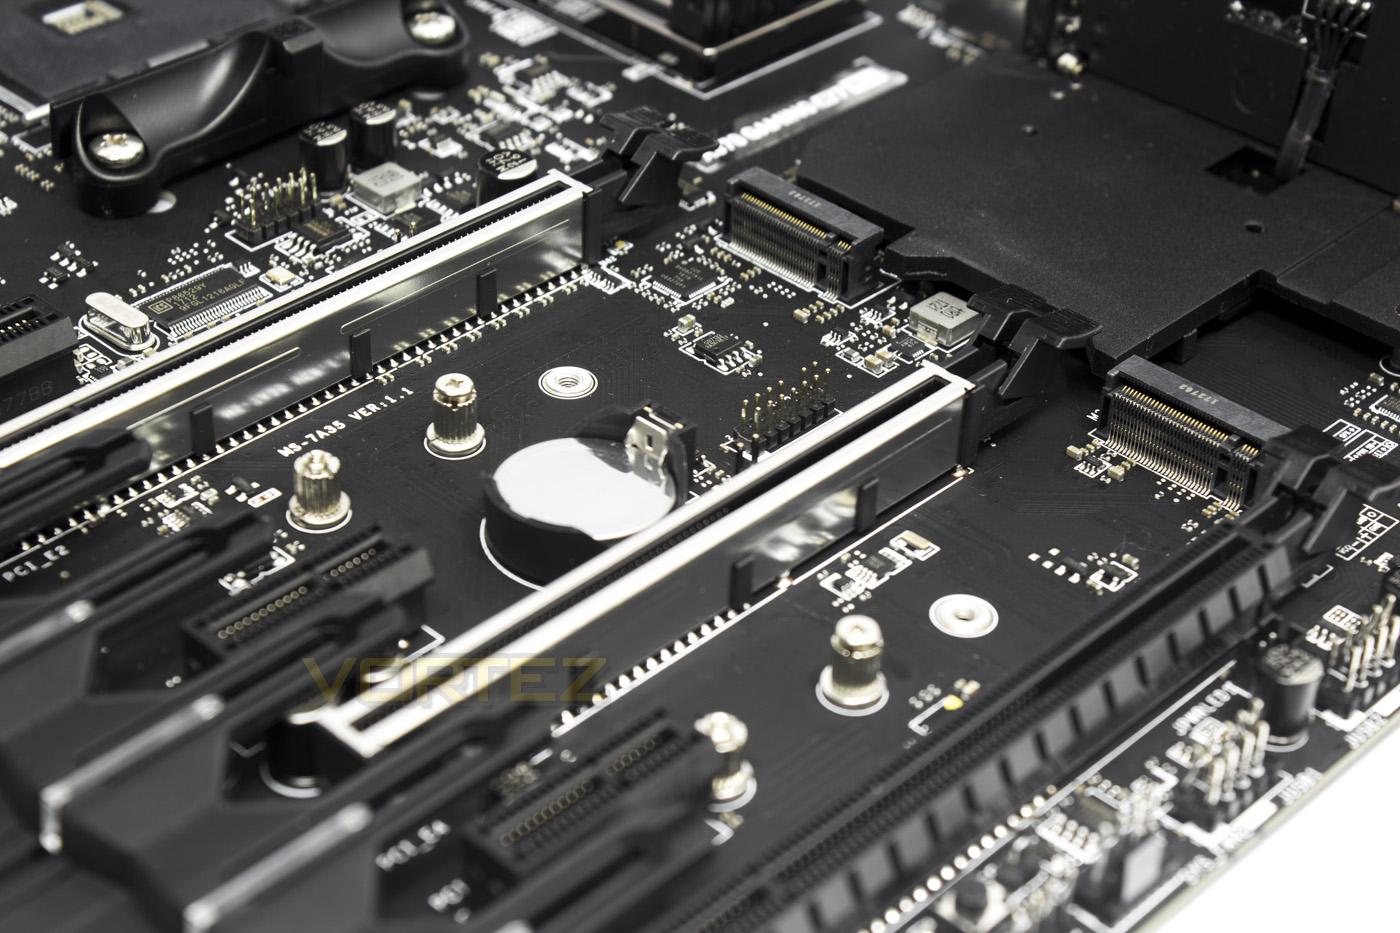 MSI X370 GAMING M7 ACK Review - Closer Look